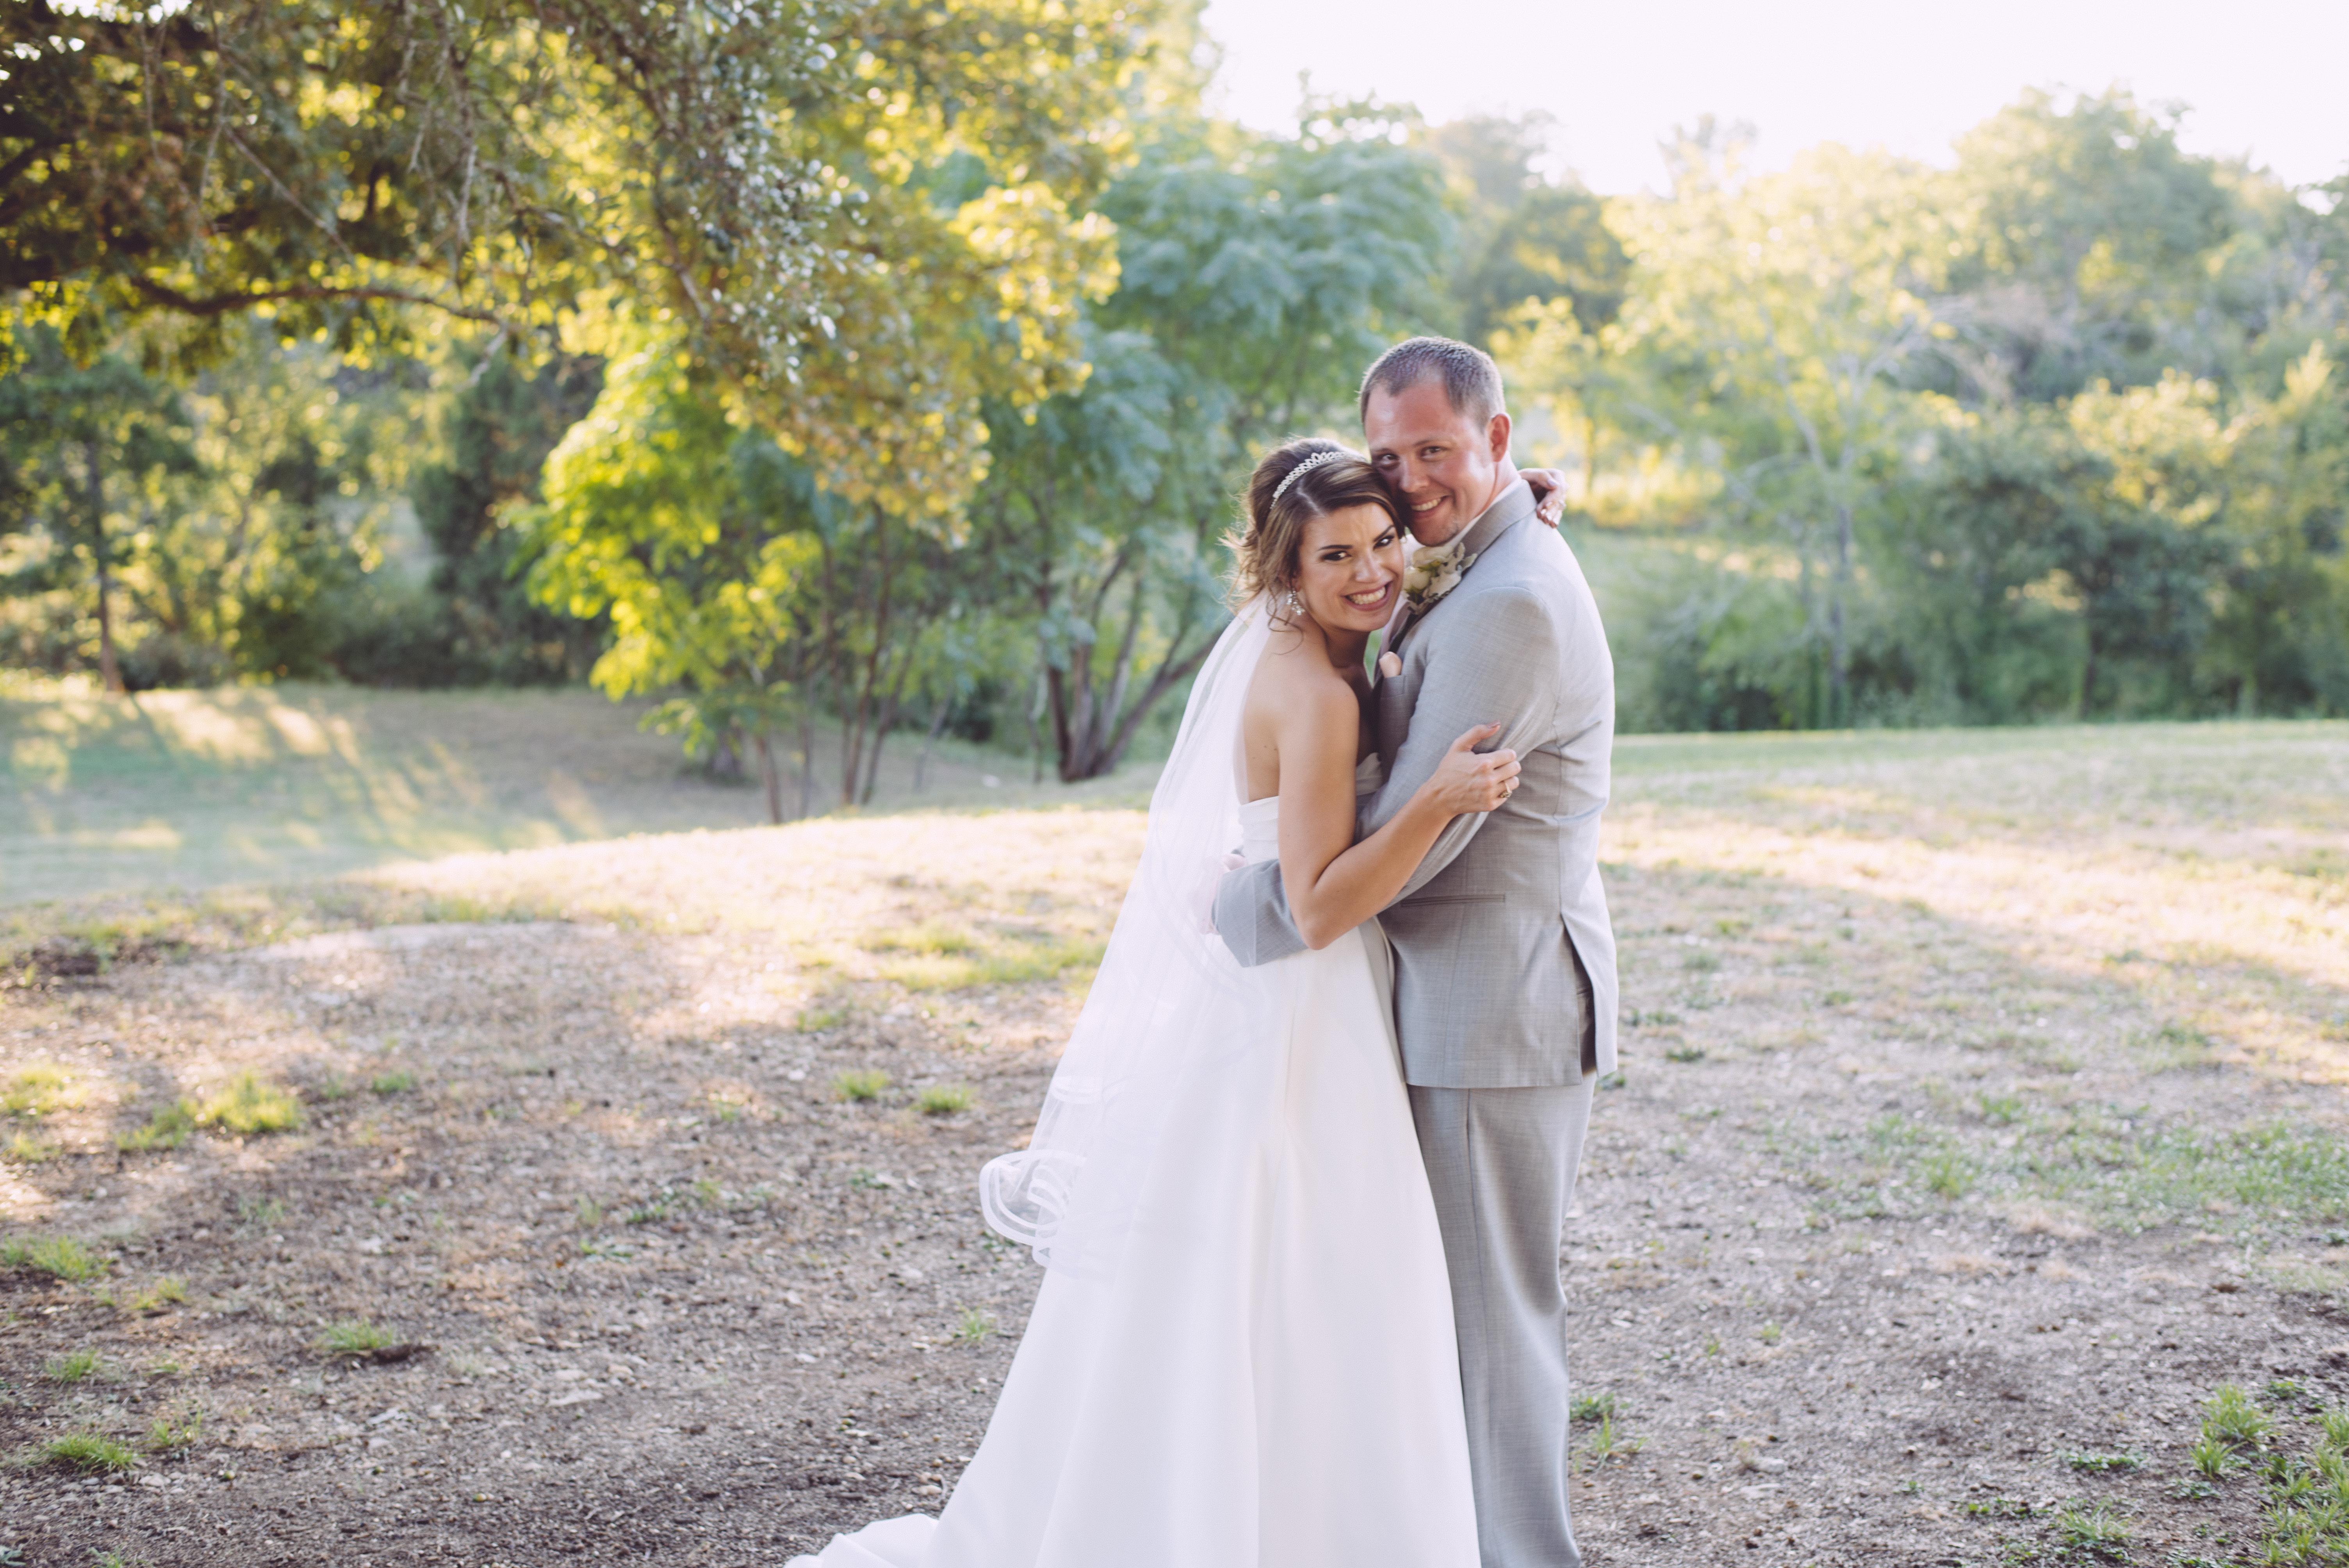 acwedding-66403664acwedding